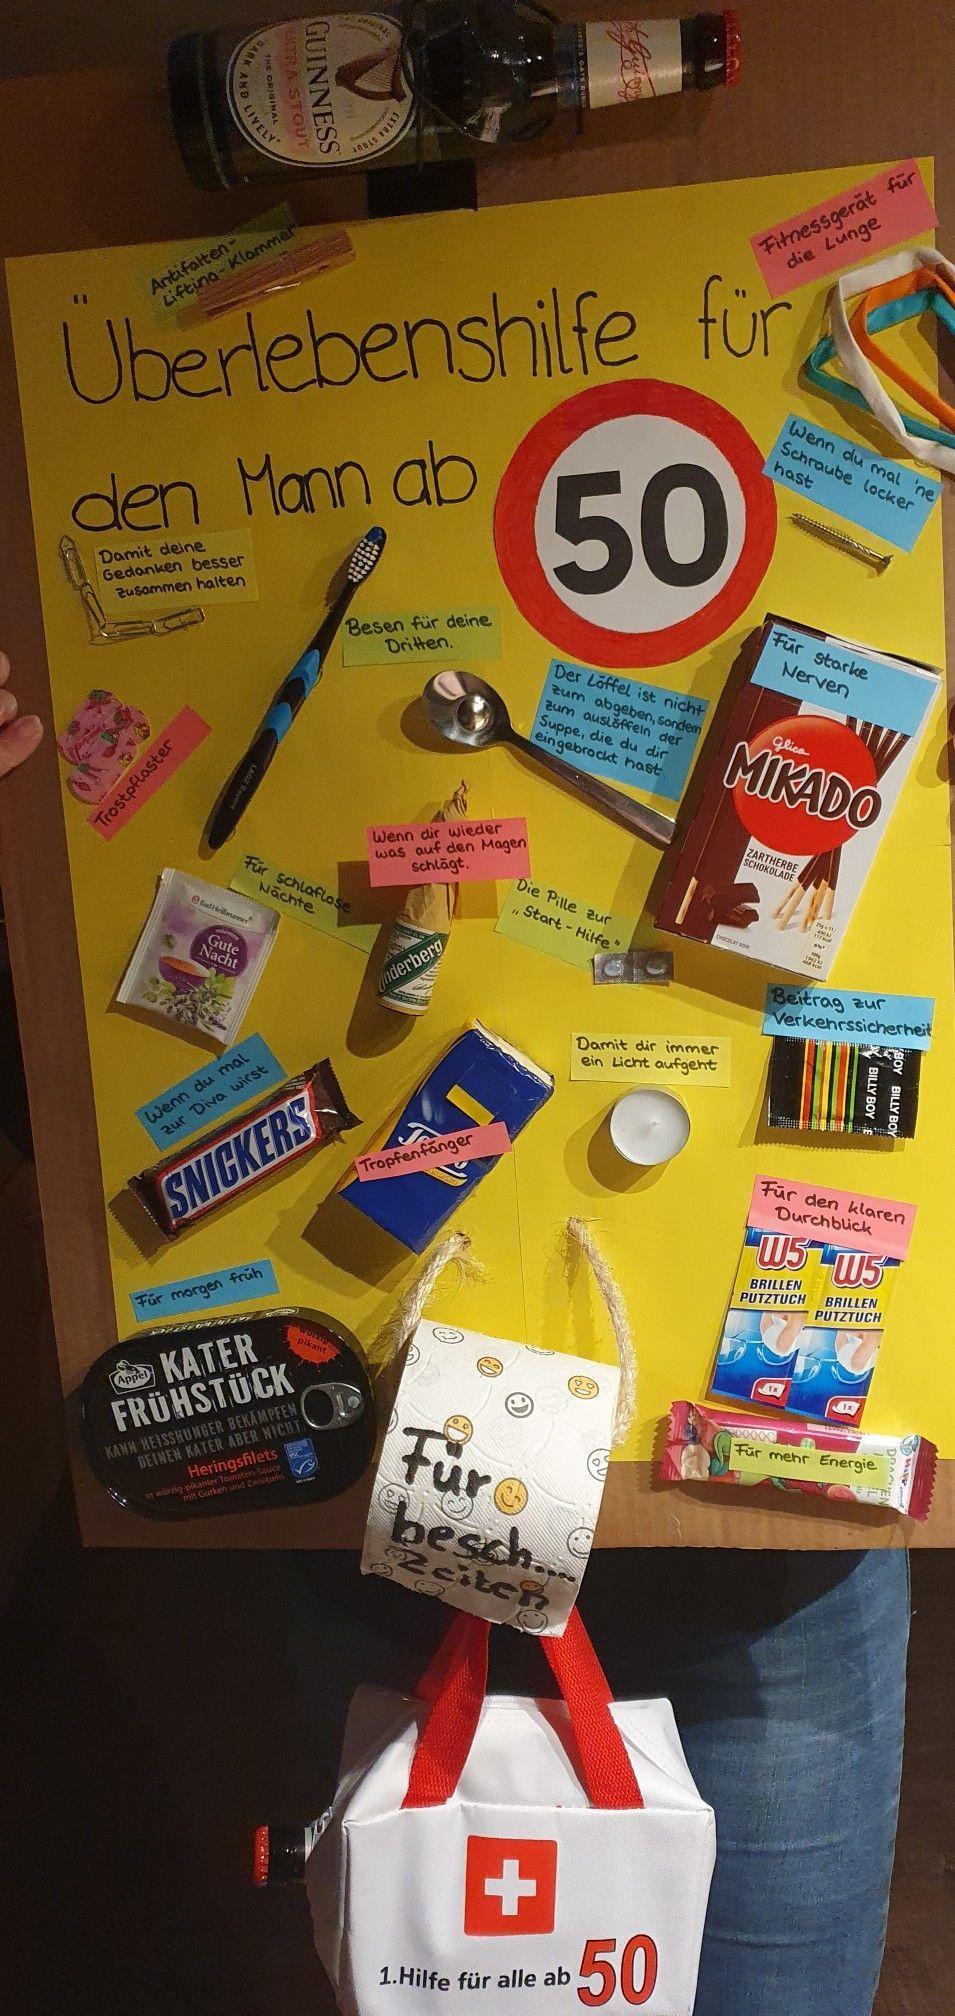 #fuermaennerab50 #geburtstagsgeschenk Überlebenshilfe für